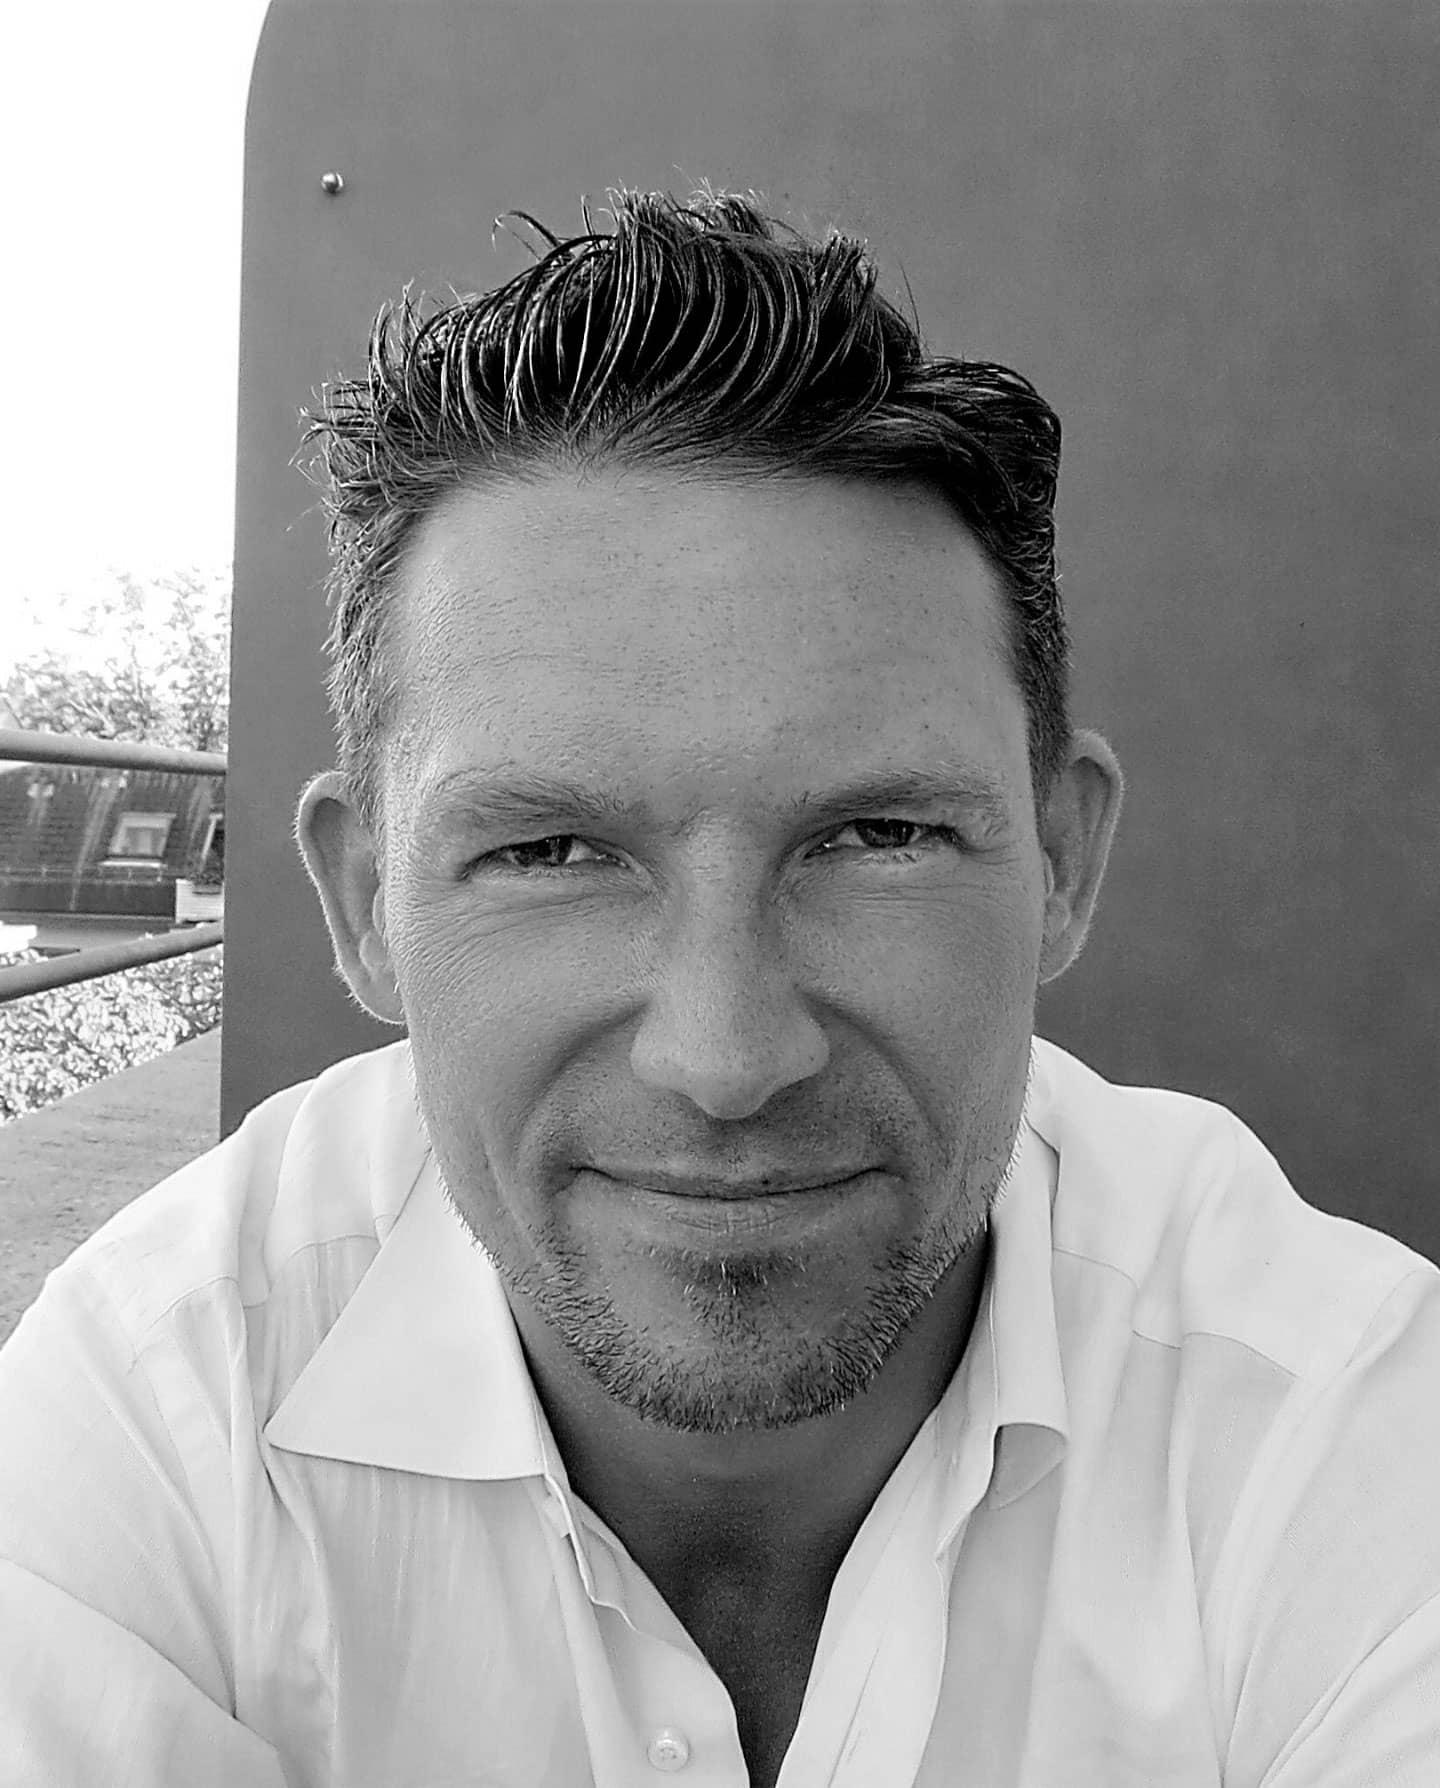 Erik Simins